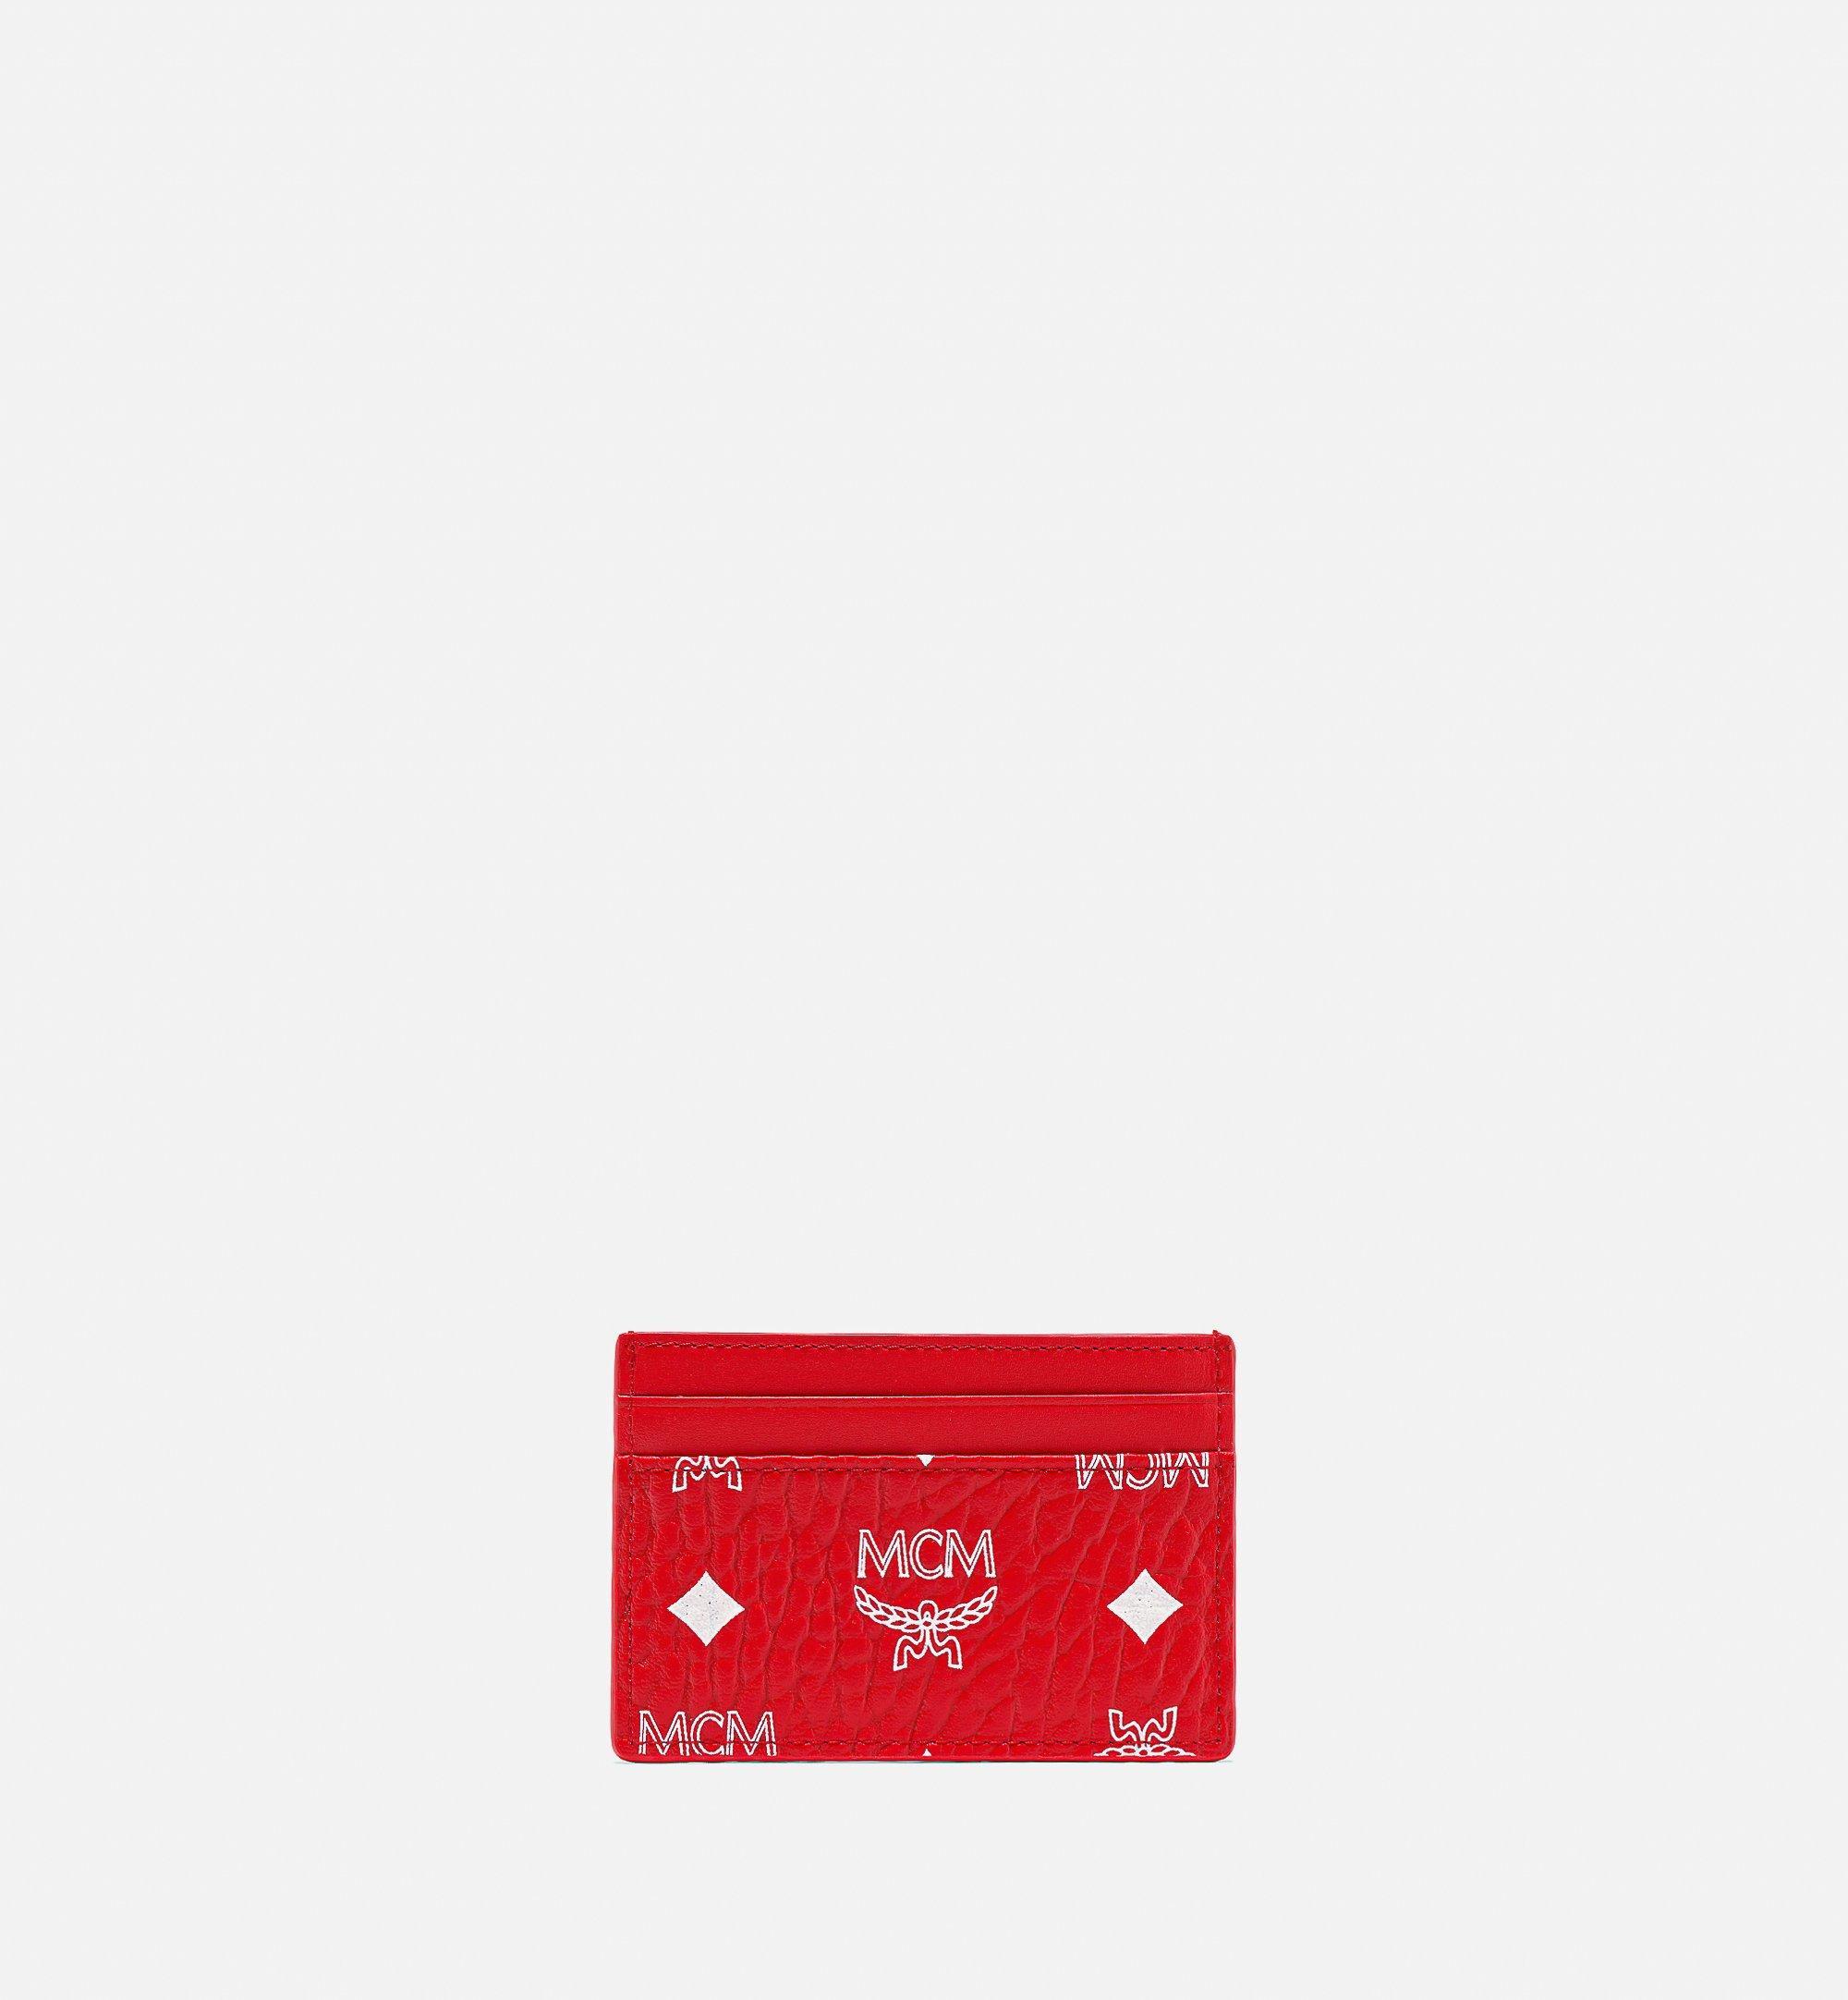 MCM カードケース - ニューイヤー ヴィセトス Red MXABSXL01AV001 ほかの角度から見る 2